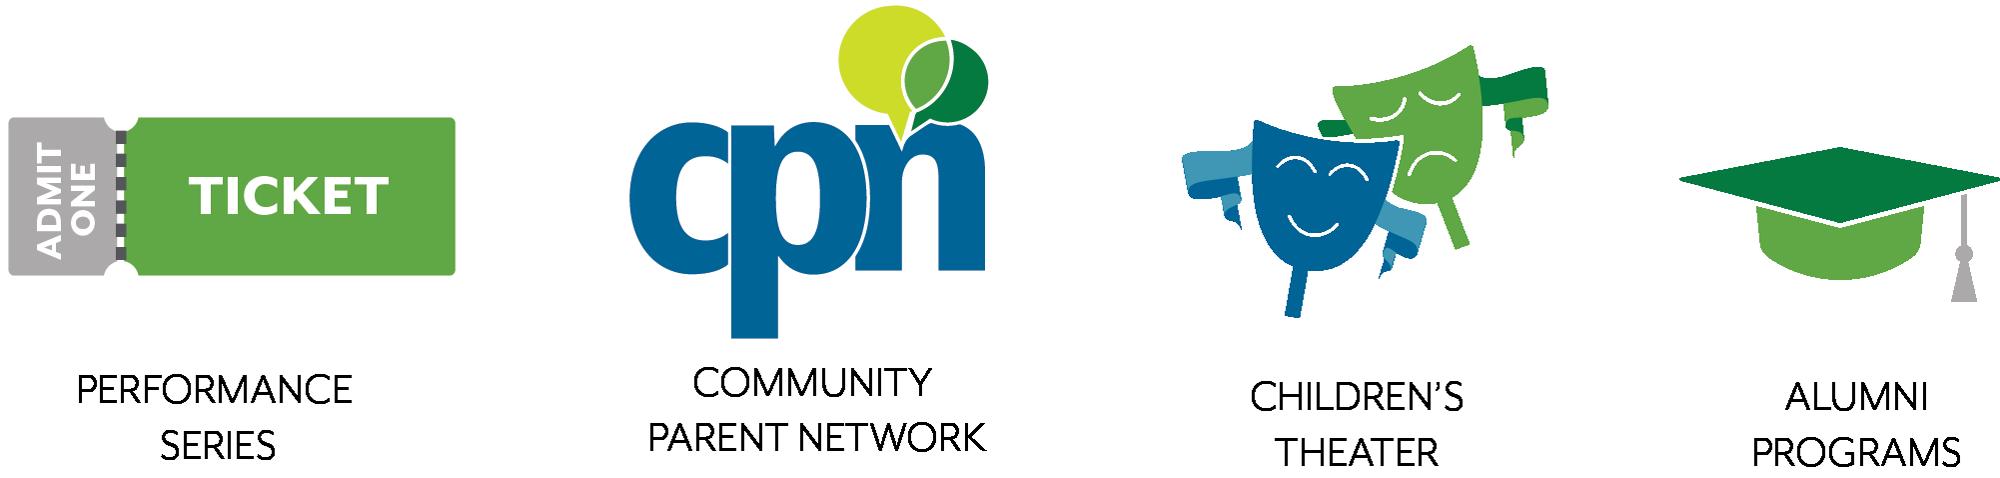 Community Parent Network (CPN)